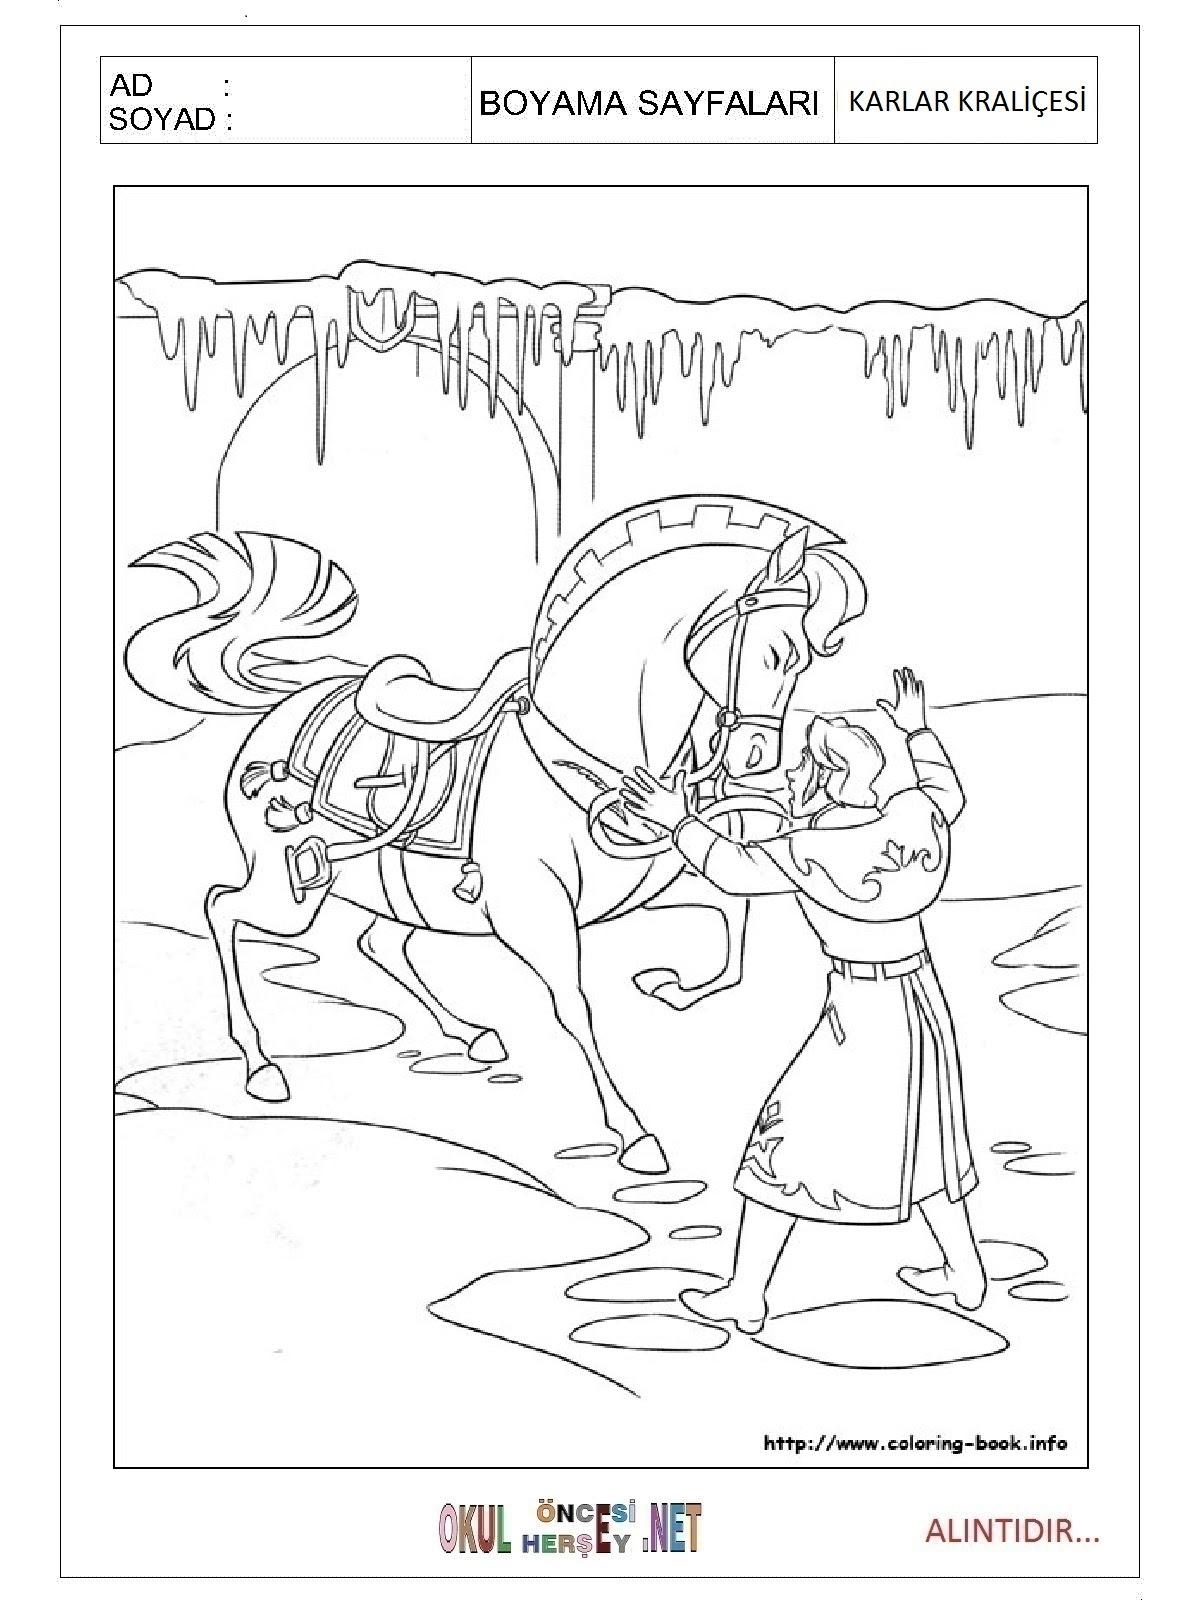 Karlar Kraliçesi Boyama Sayfaları